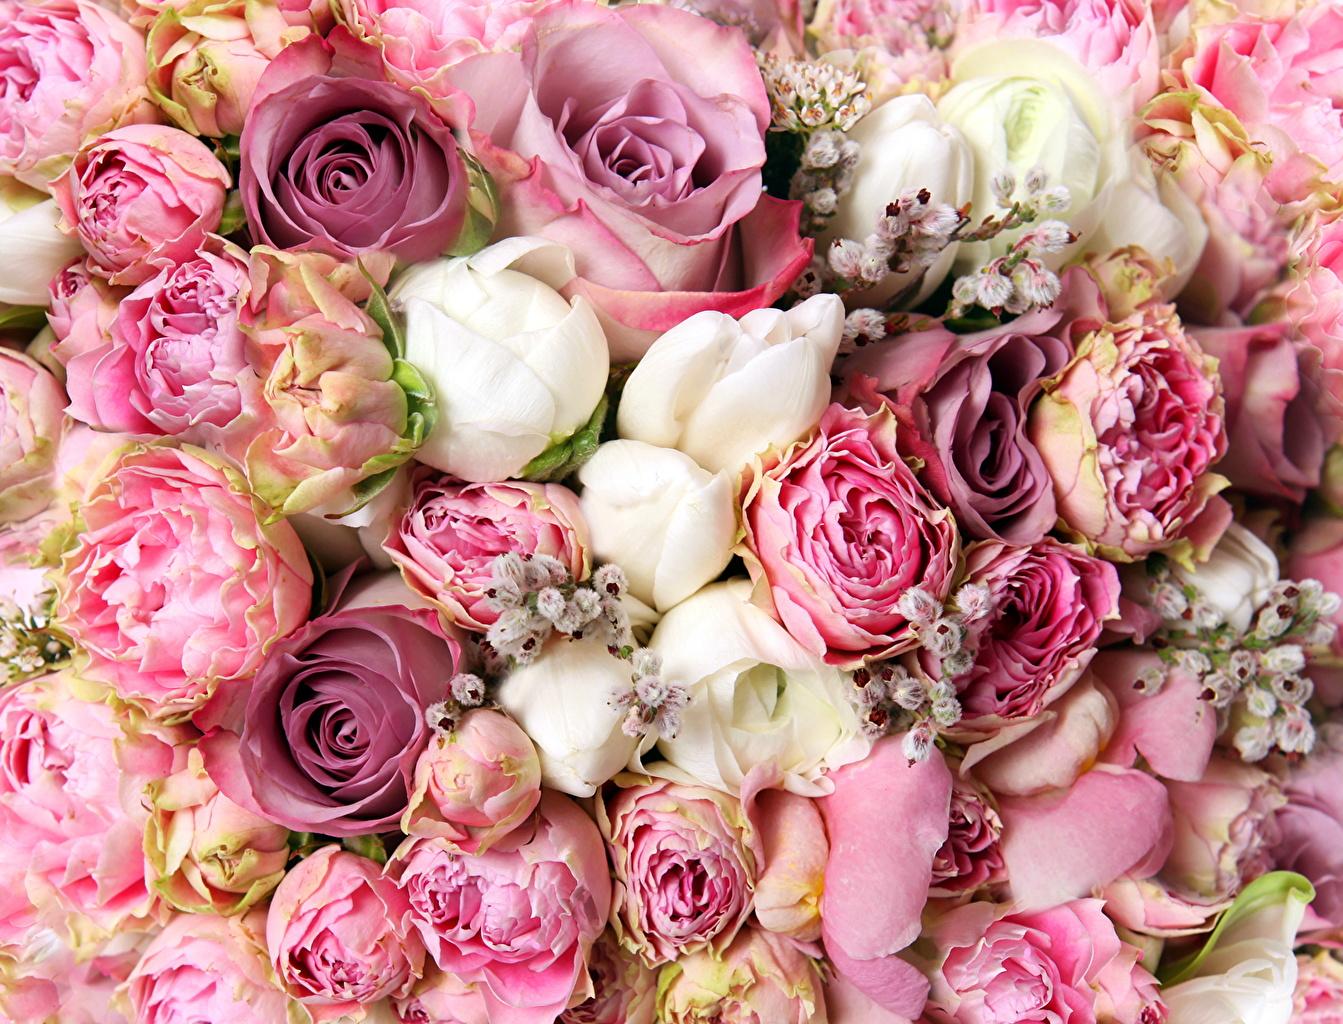 壁紙 ブーケ バラ キンポウゲ属 たくさん 花 ダウンロード 写真